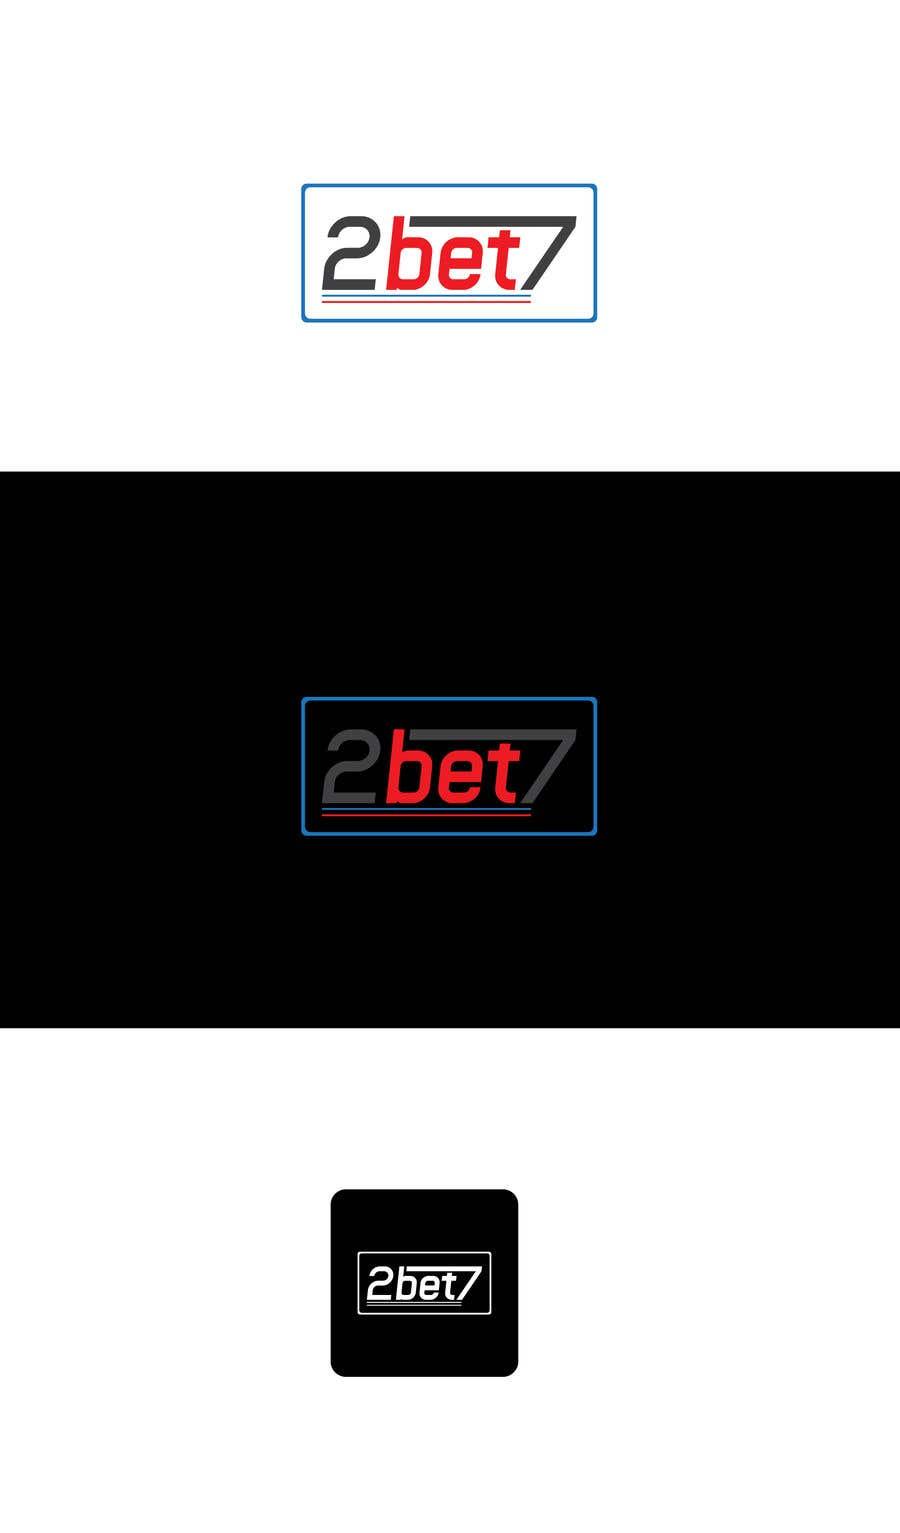 Konkurrenceindlæg #47 for logo design